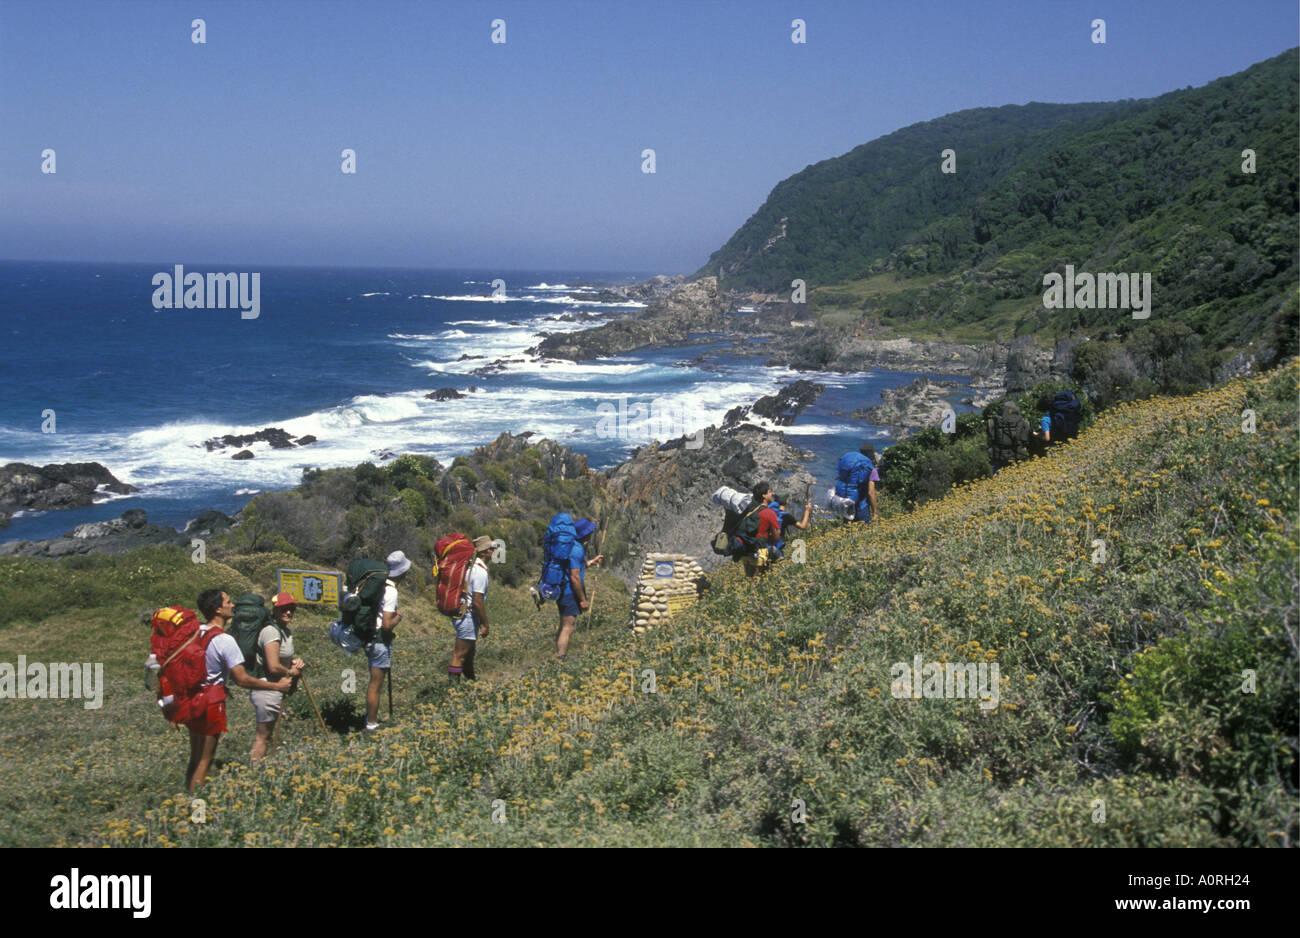 White turisti o visitatori a piedi lungo il sentiero di lontra nel giardino della natura Valle Provincia del Capo Sud Africa Immagini Stock